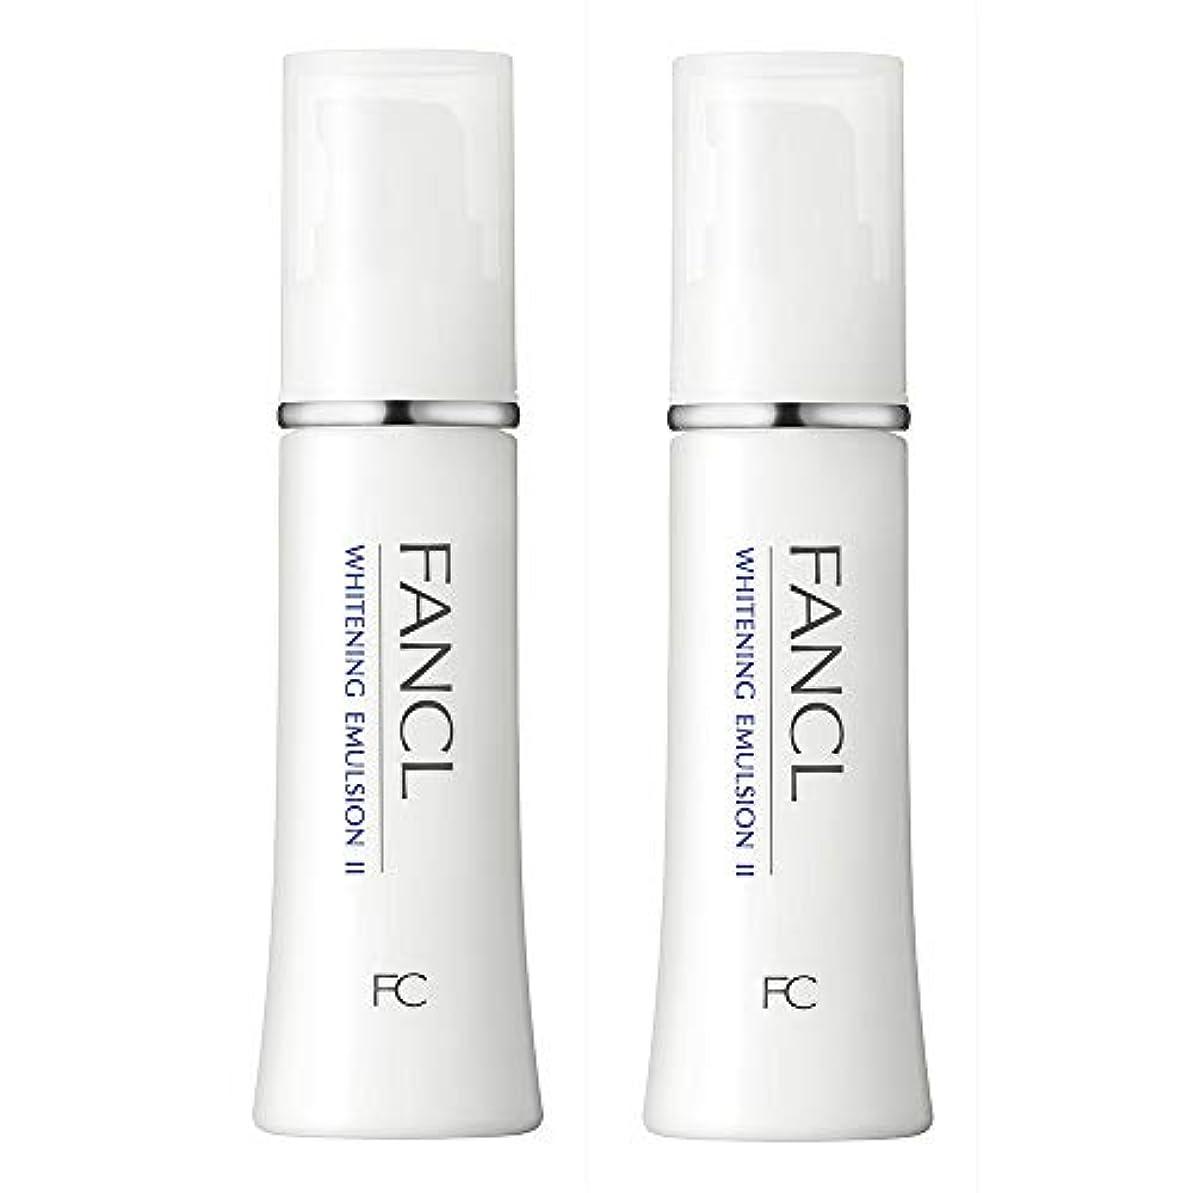 噴水忠実発表するファンケル(FANCL) 新 ホワイトニング 乳液 II しっとり 2本<医薬部外品>